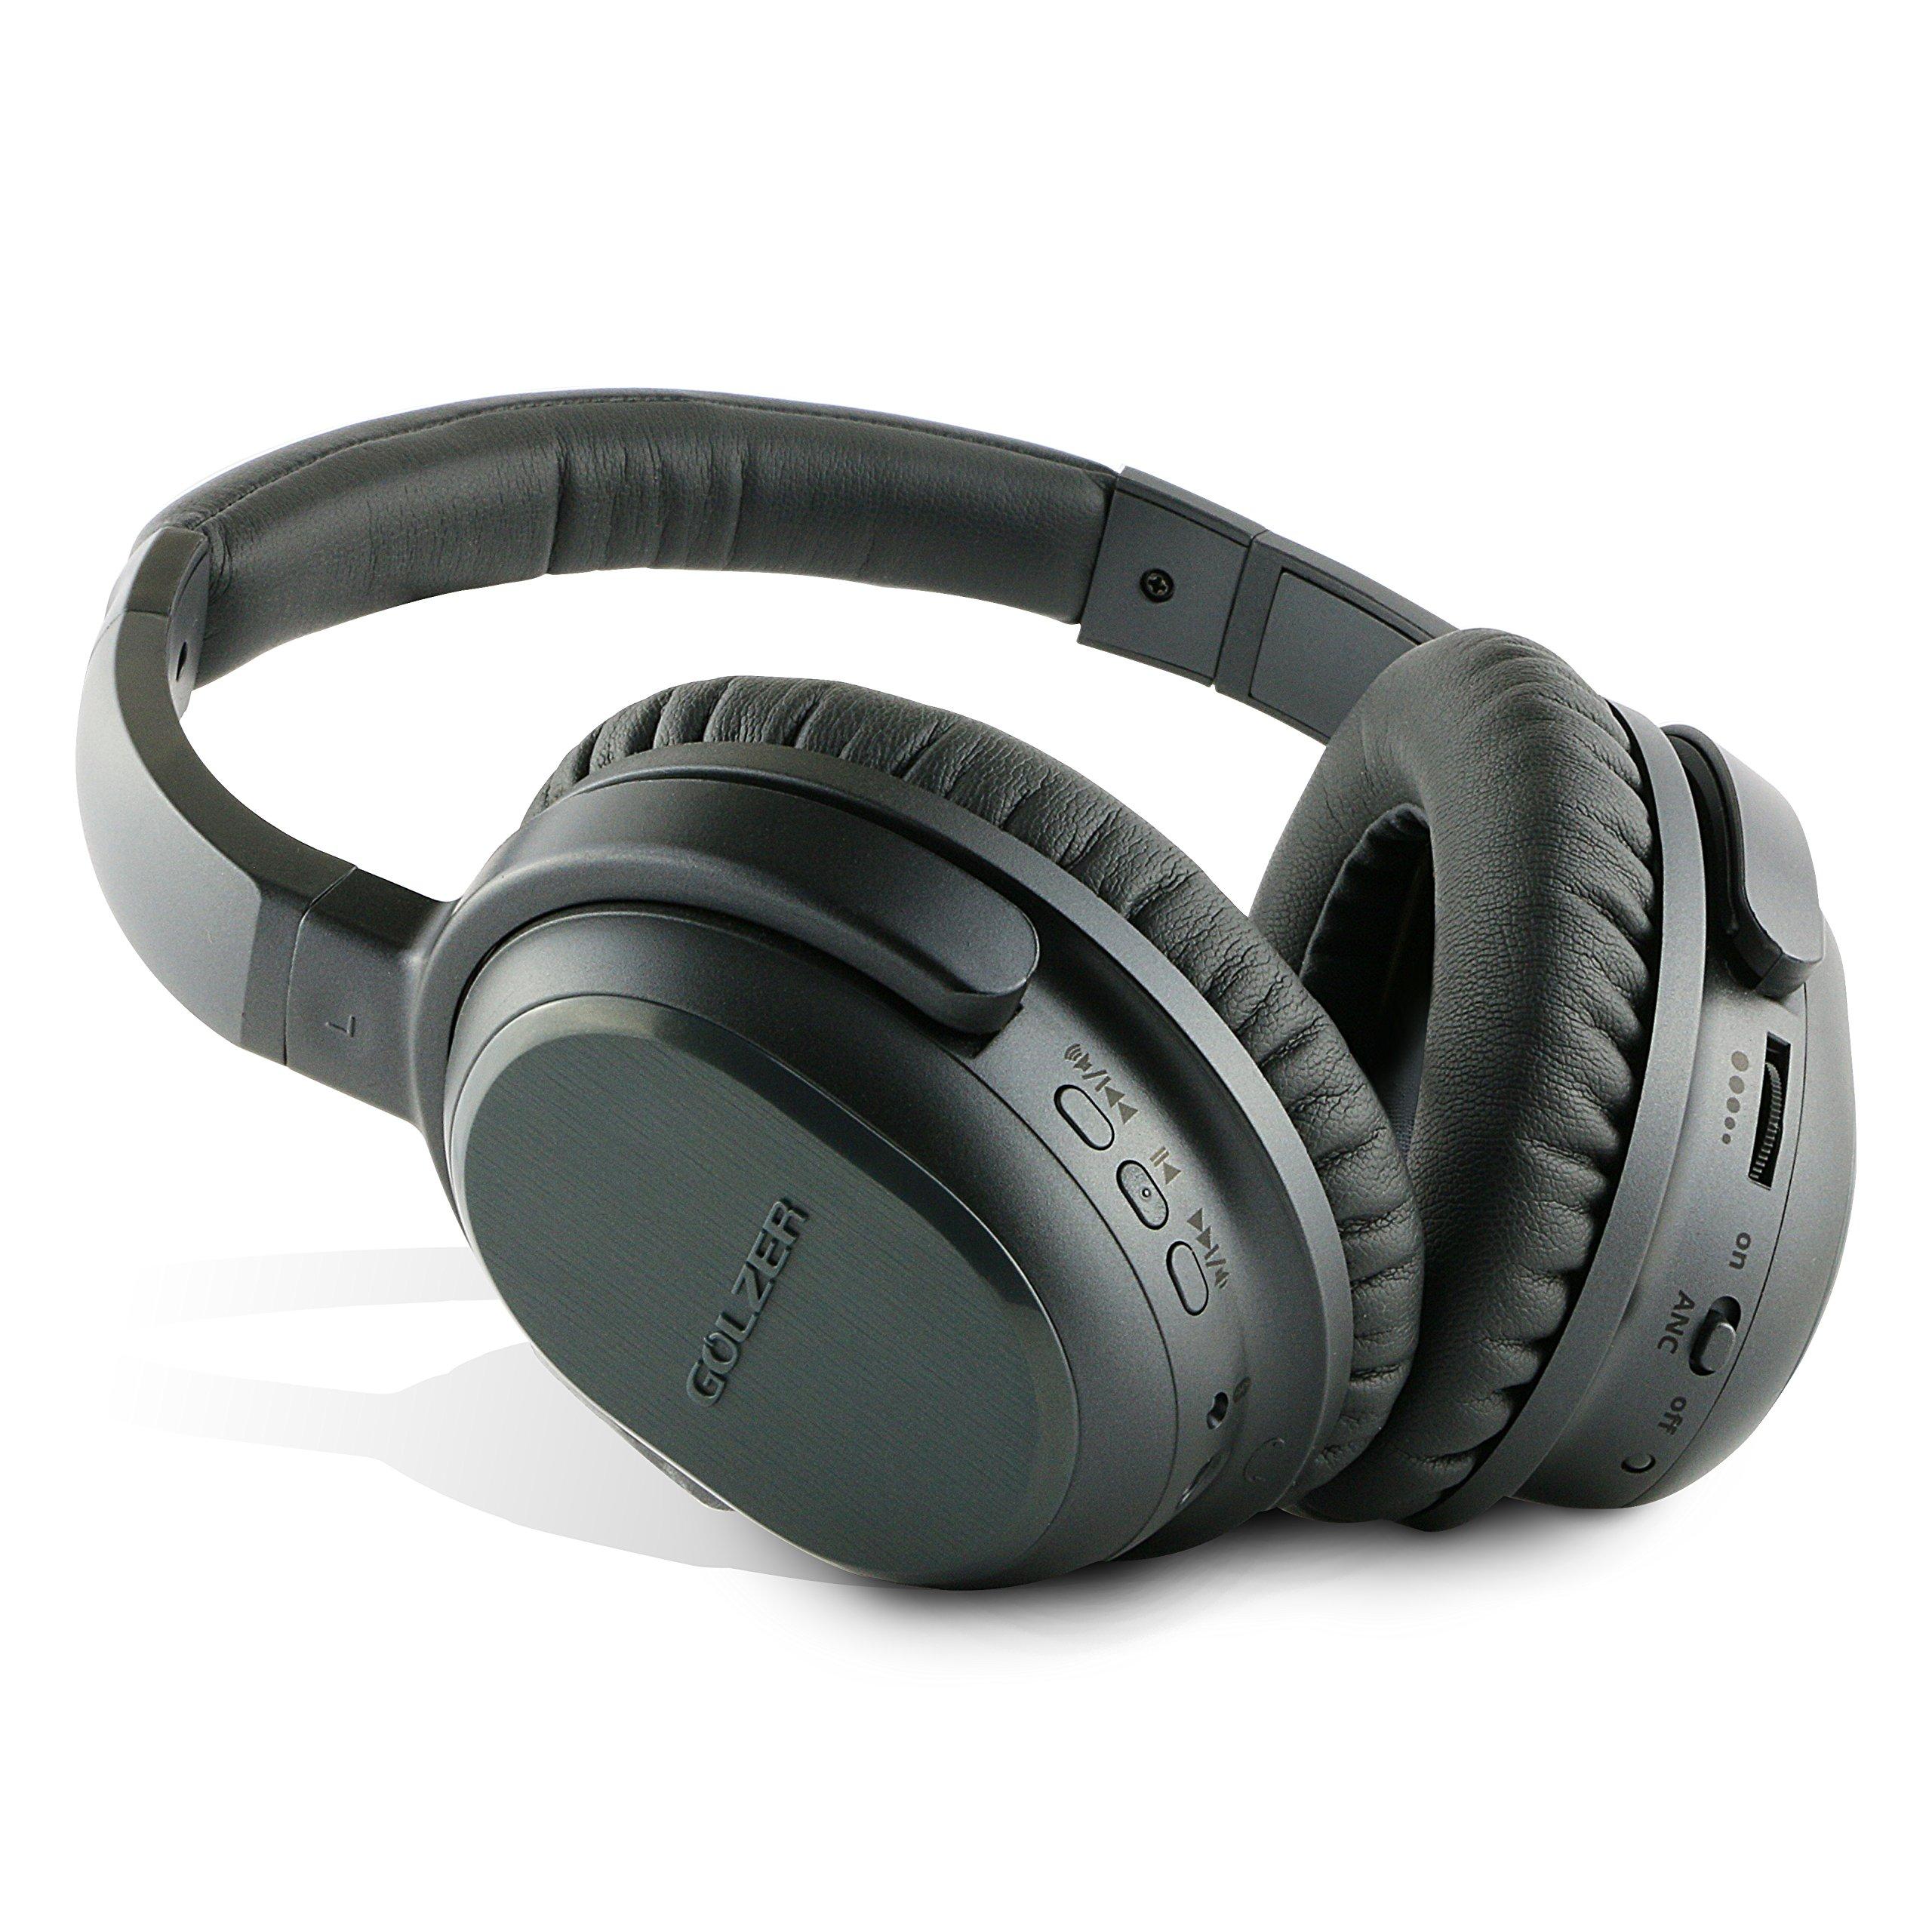 Auriculares Golzer BANC-50 Bluetooth 4.1 High Fidelity Cancelacion de Ruido Activa Inalambrico OverEar con apt-x